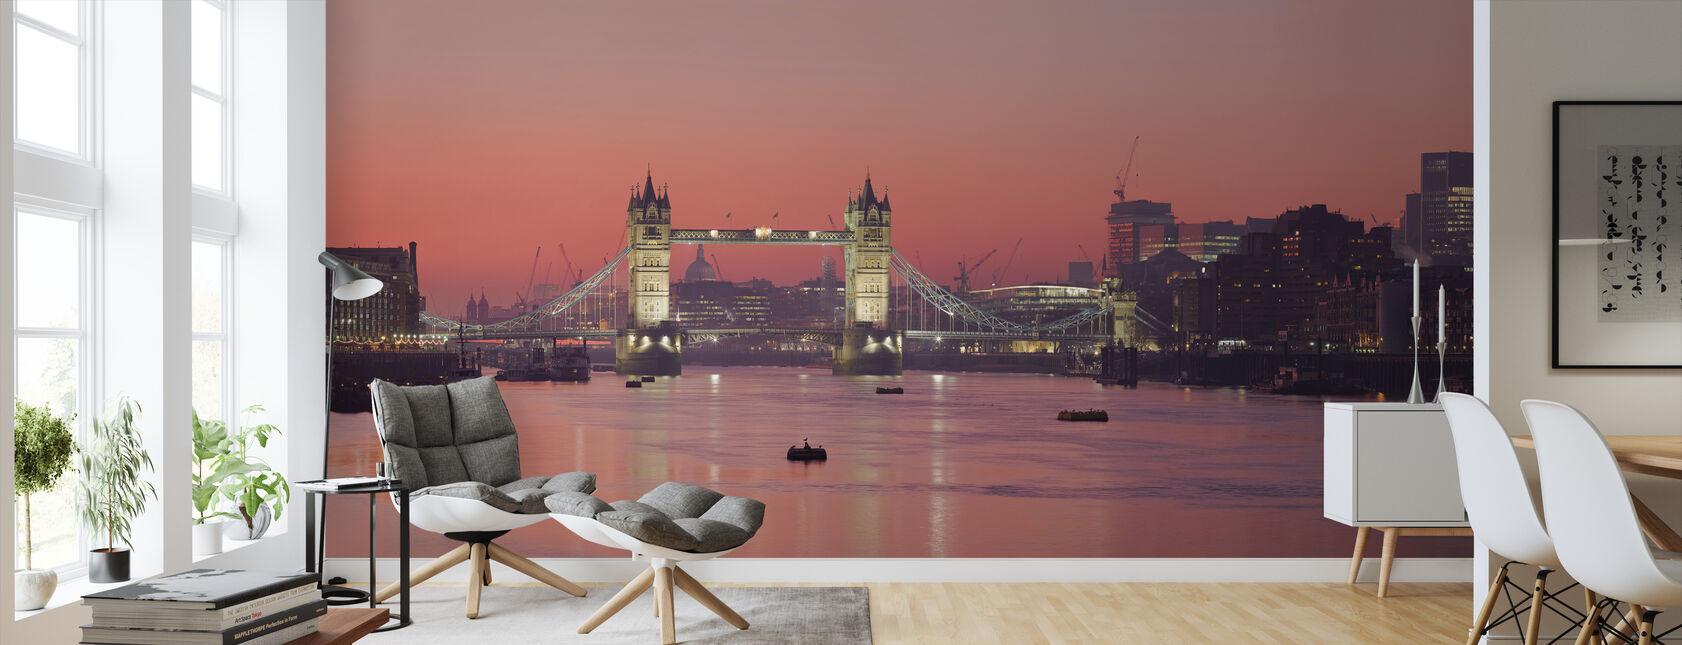 London Skyline in Sunset - Wallpaper - Living Room